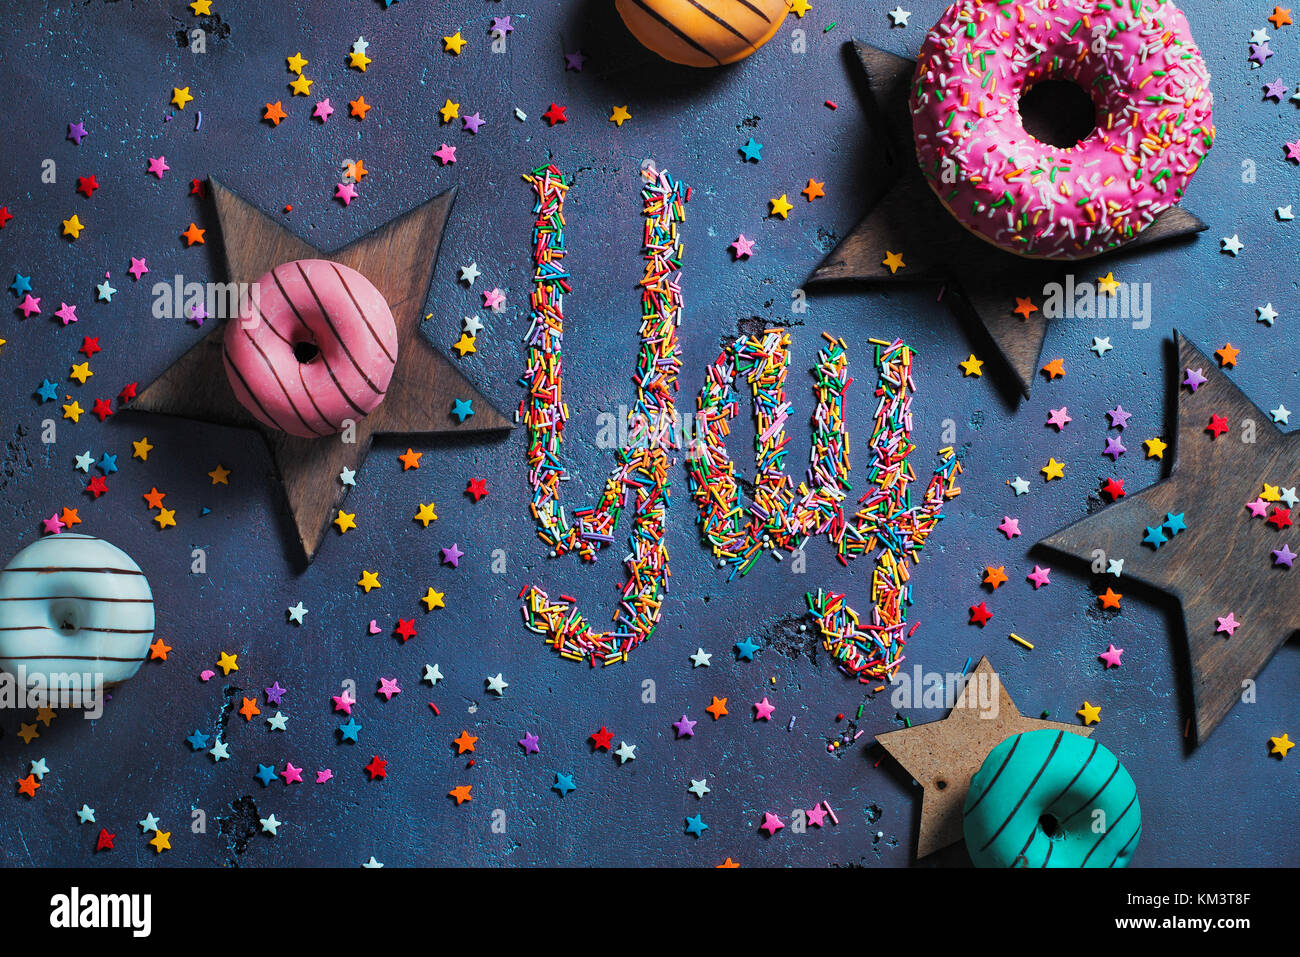 Ausrufezeichen Yay mit schriftlicher Streusel auf einem Stein mit Donuts und Sterne. Party Vorbereitung Konzept. Stockbild